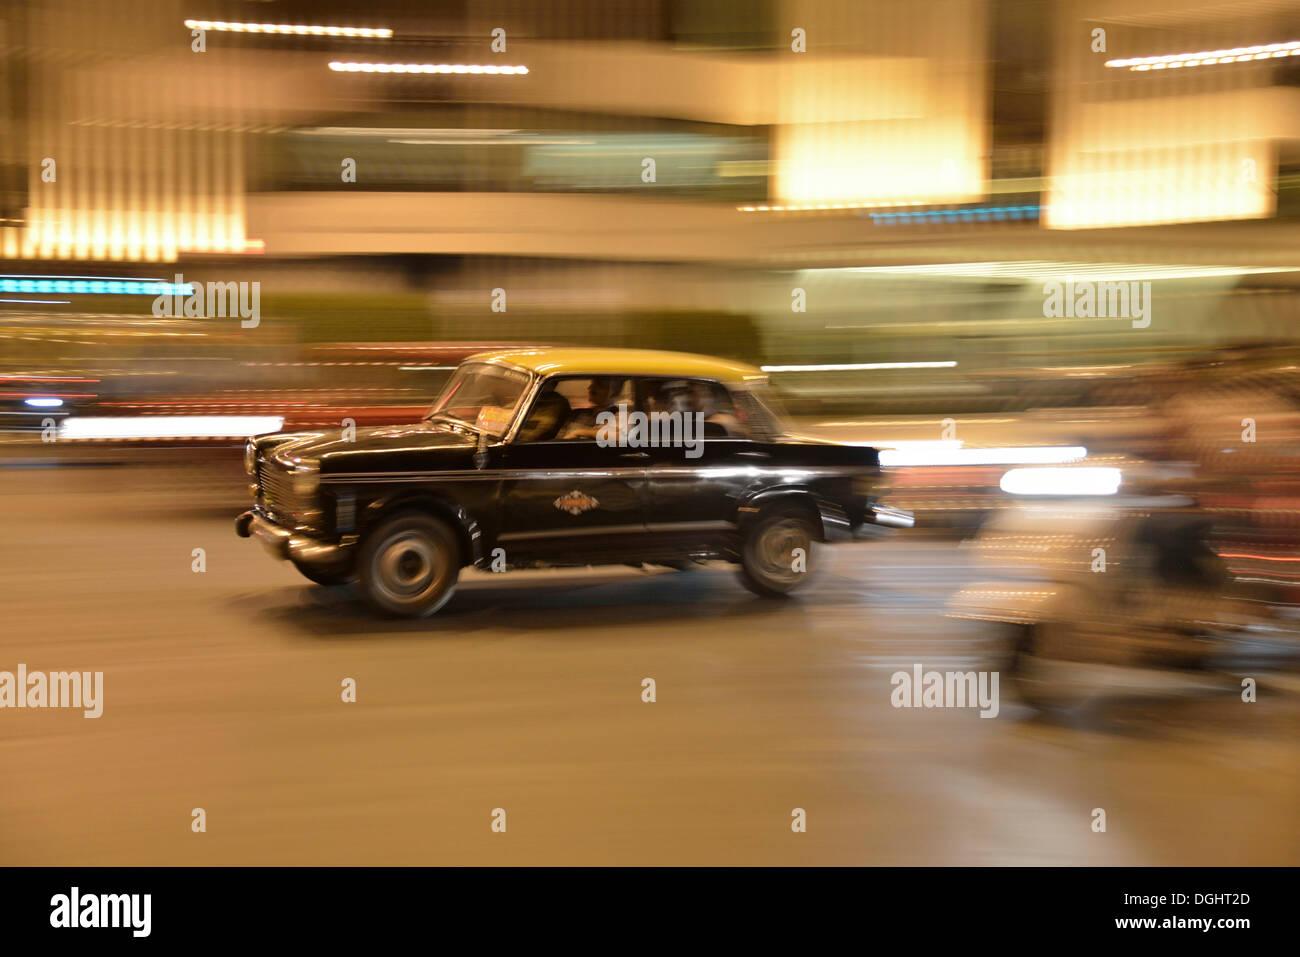 Taxi en movimiento en una calle en la noche, Bombay, Maharashtra, India Imagen De Stock